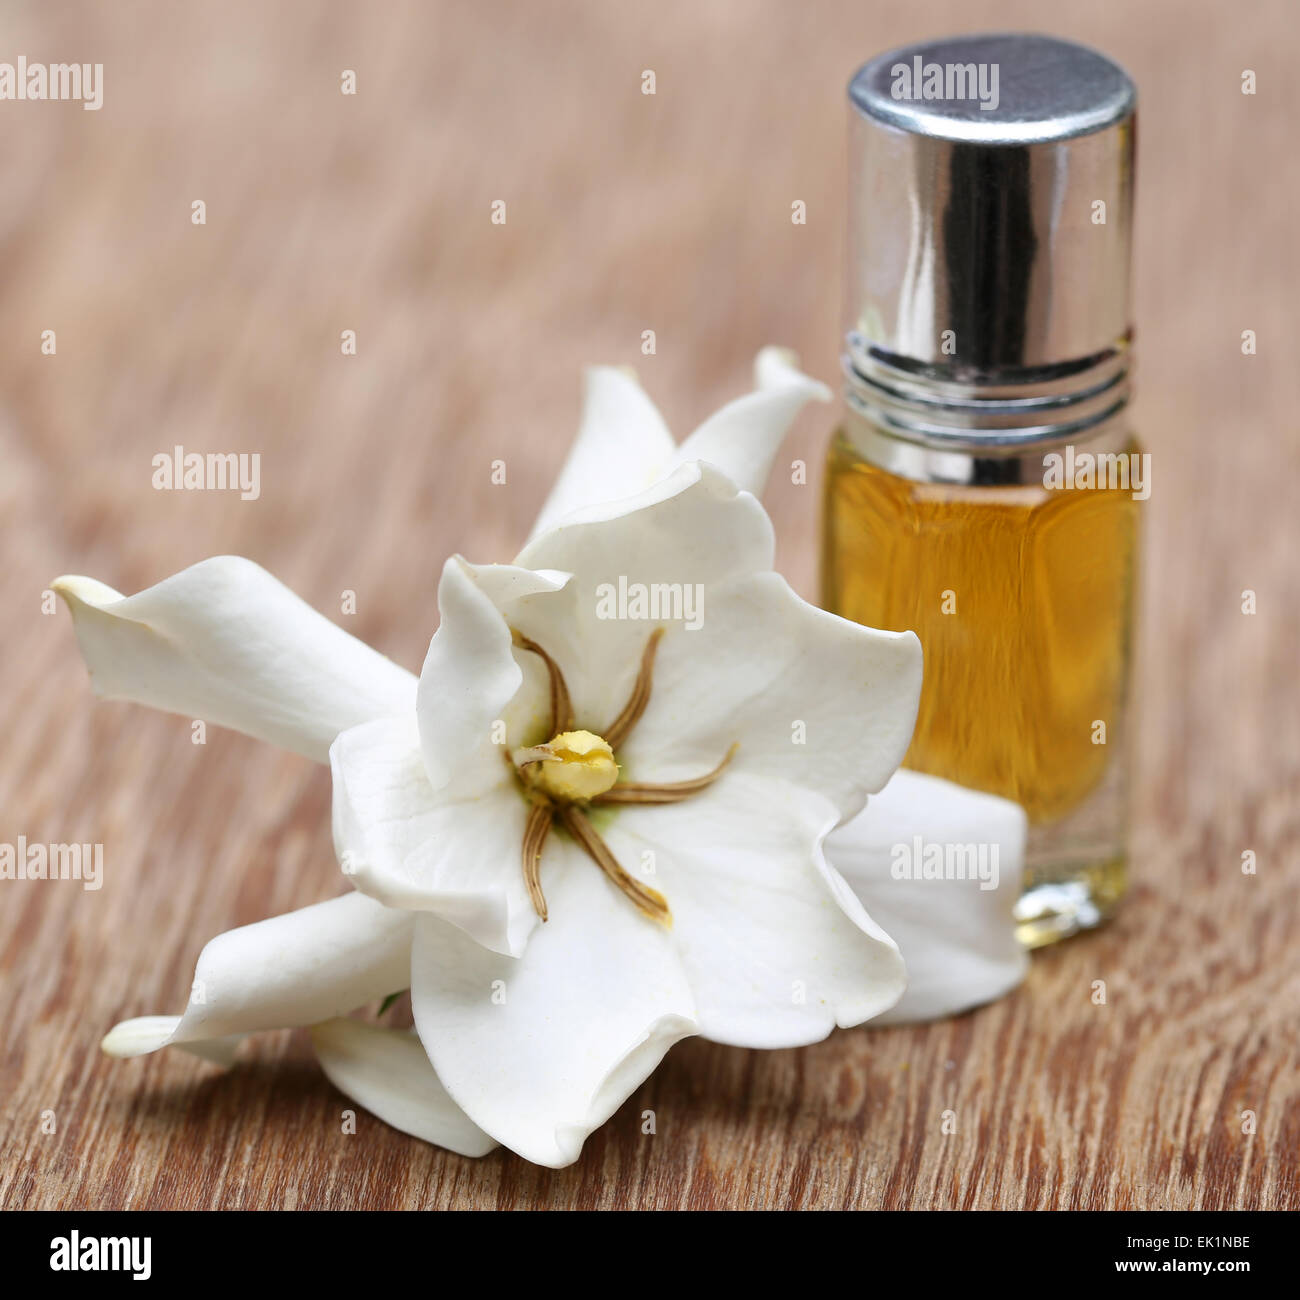 Gardenia oder Gondhoraj Blume mit Essenz Flasche auf Holzuntergrund Stockbild